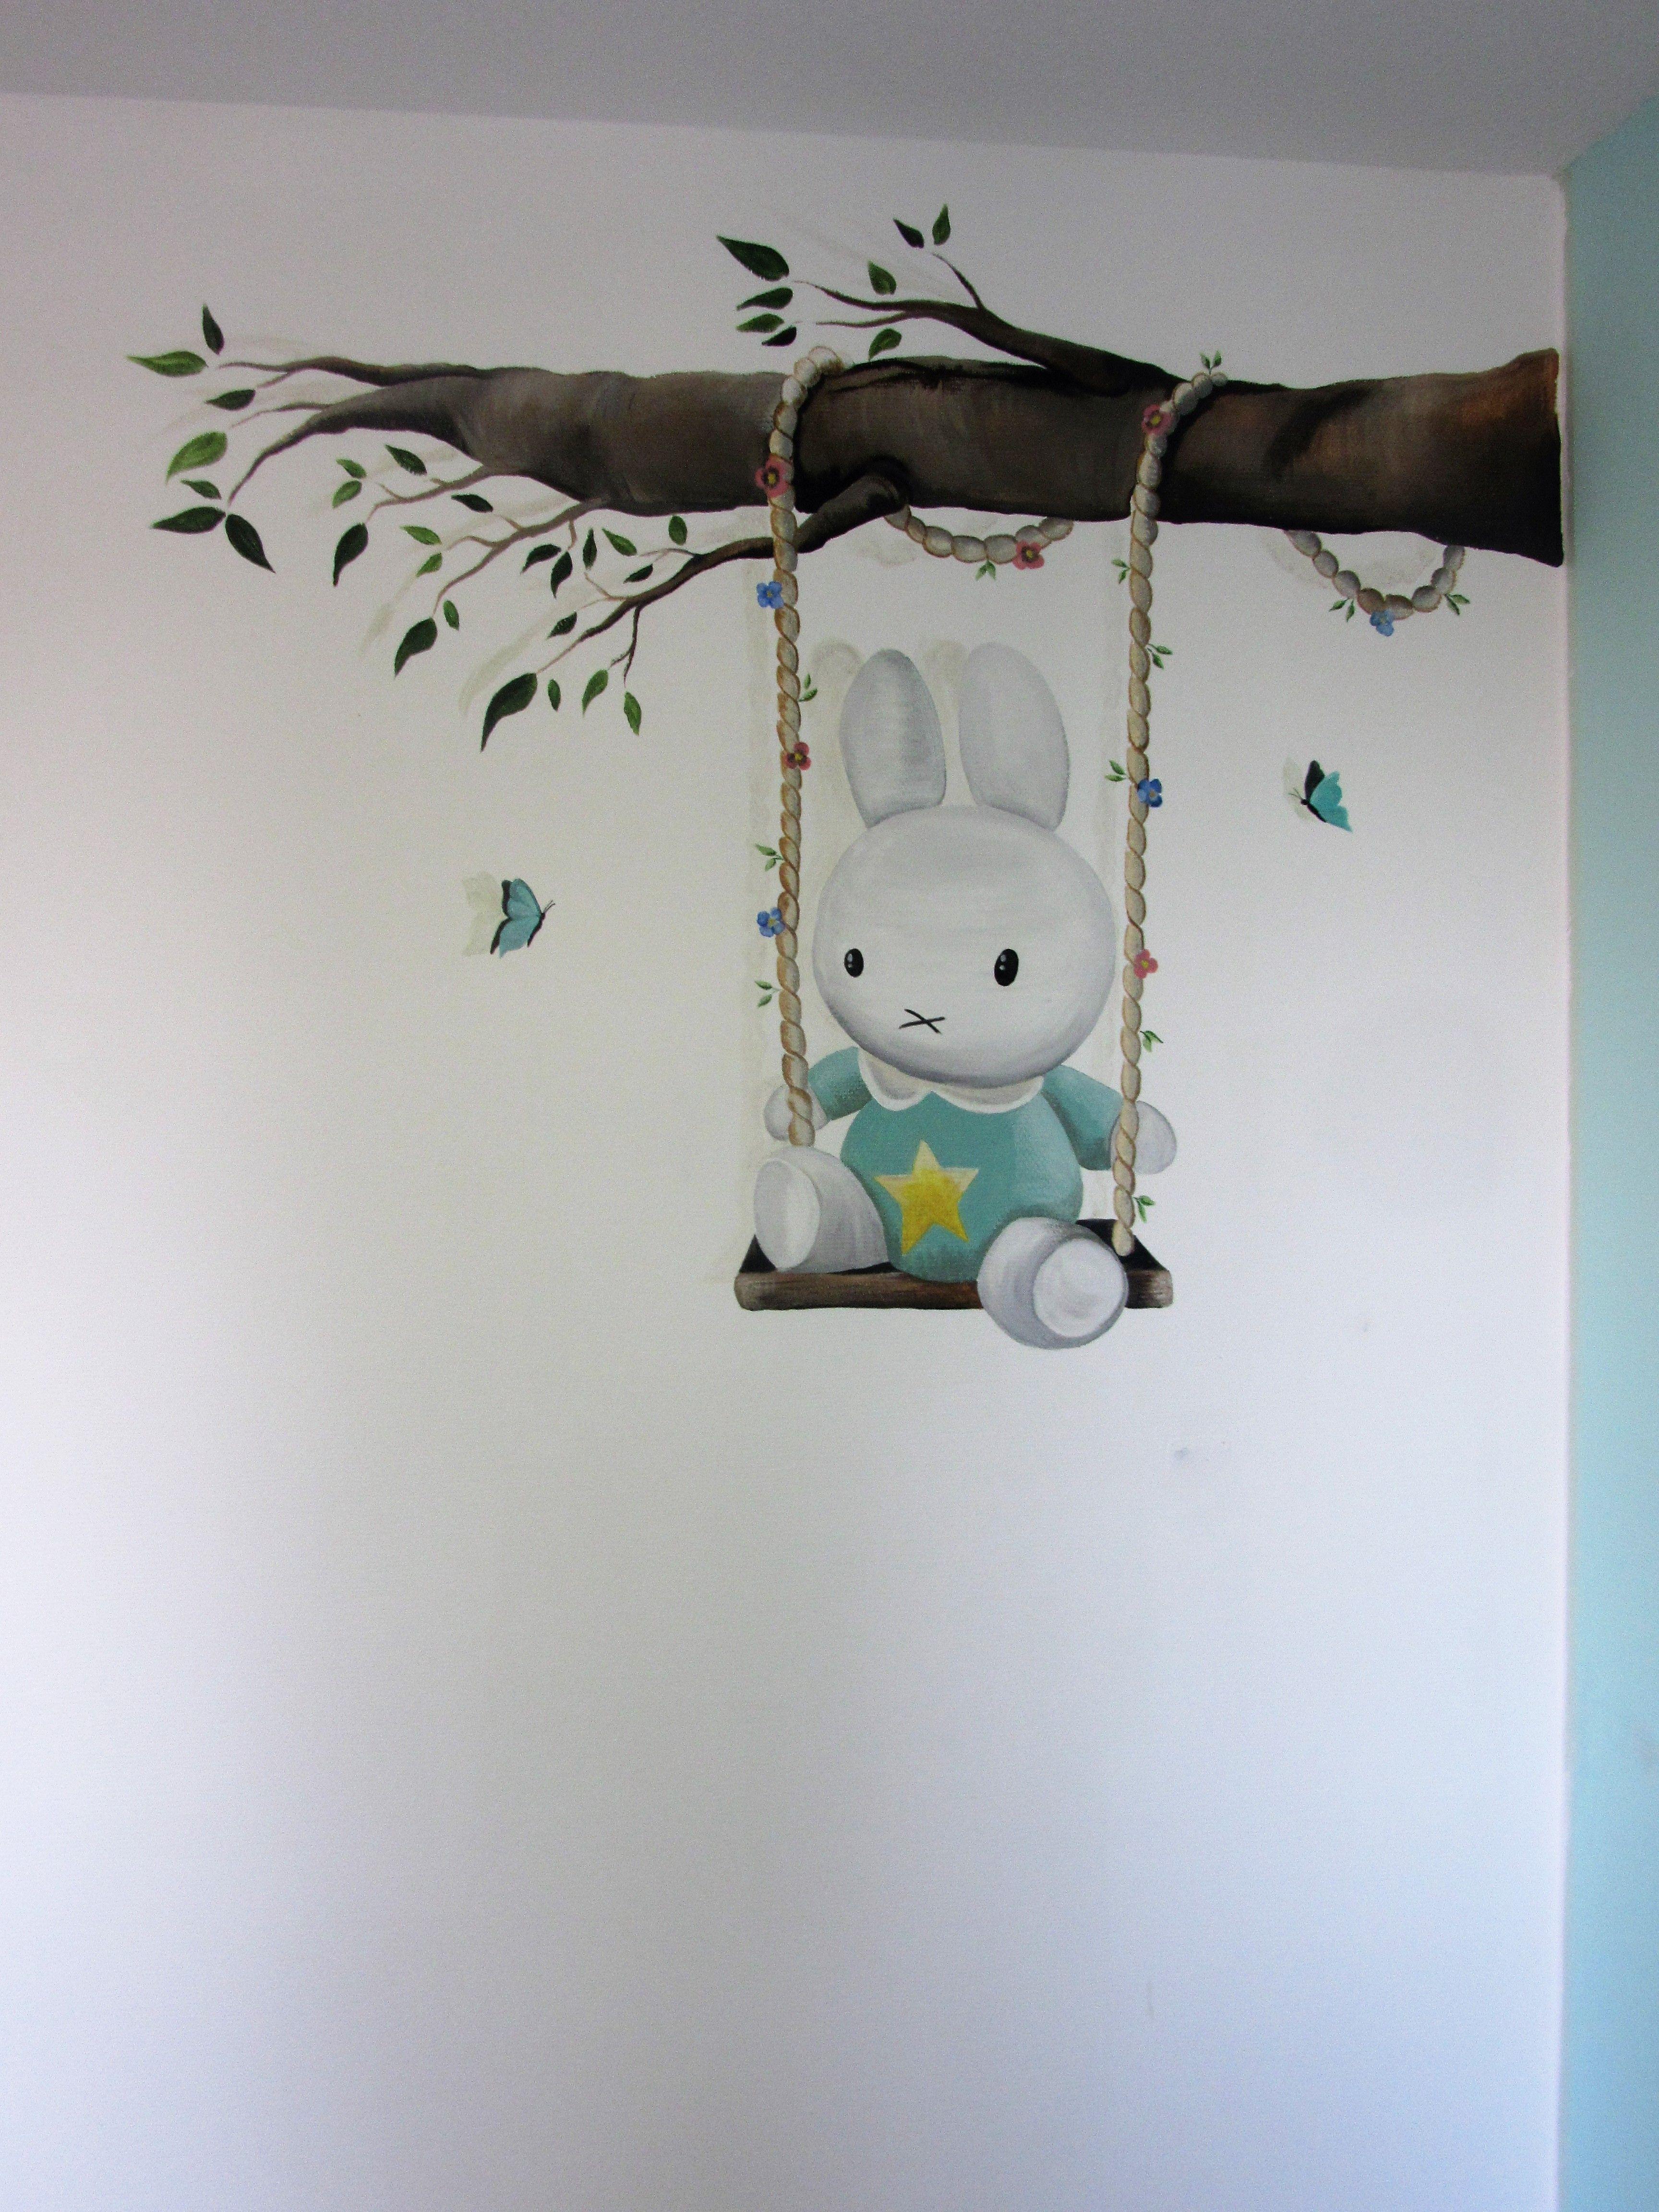 Muurdecoratie Babykamer Meisje.Muurschildering Muurdecoratie Wanddecoratie Tak Nijntje Op Schommel